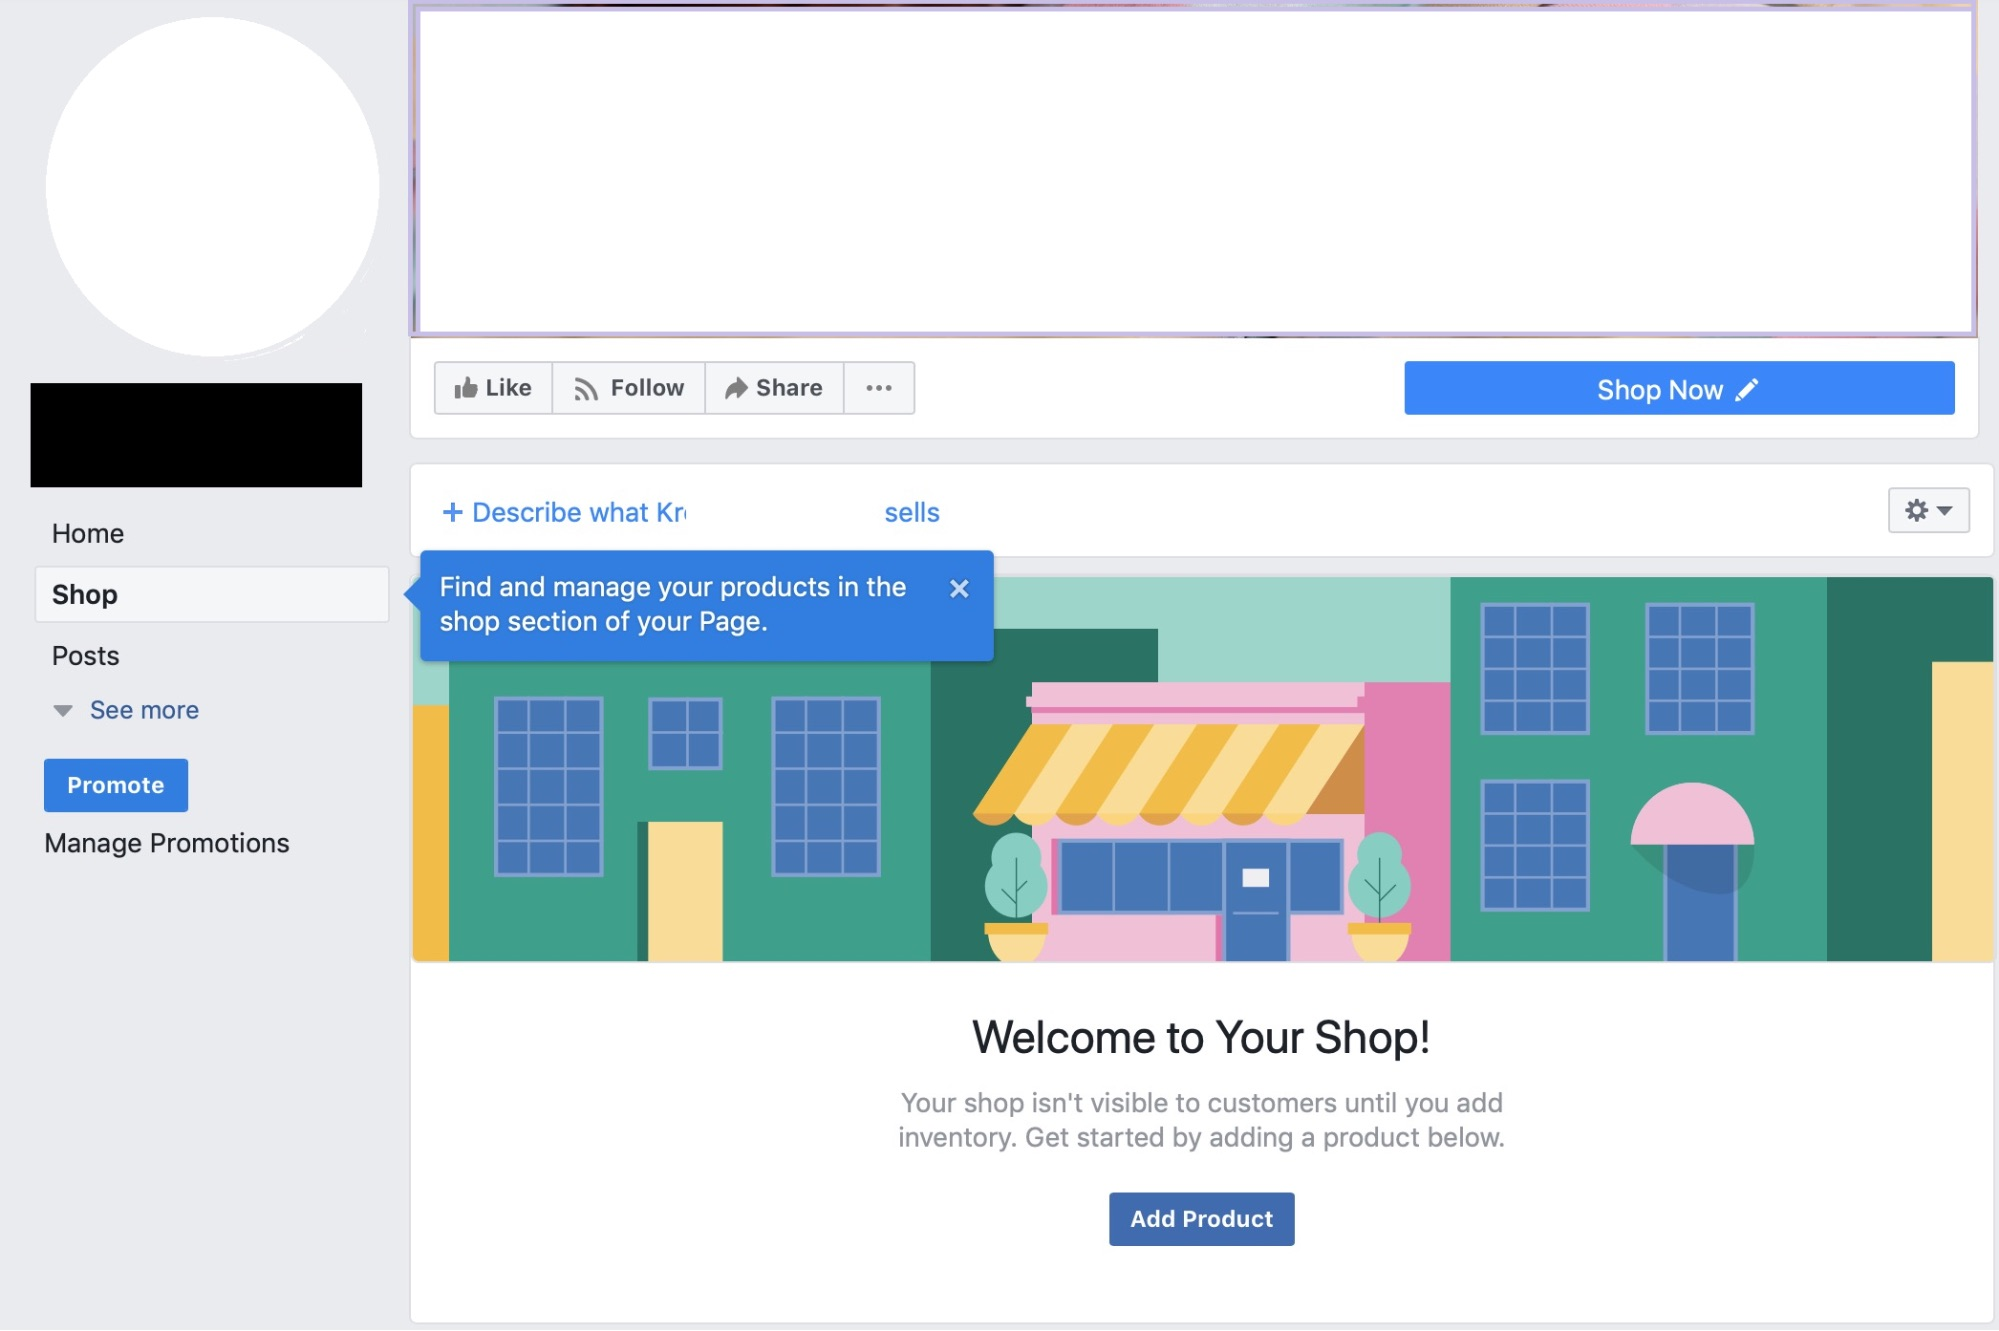 Cómo crear tu tienda en Facebook de forma fácil - Paso 5